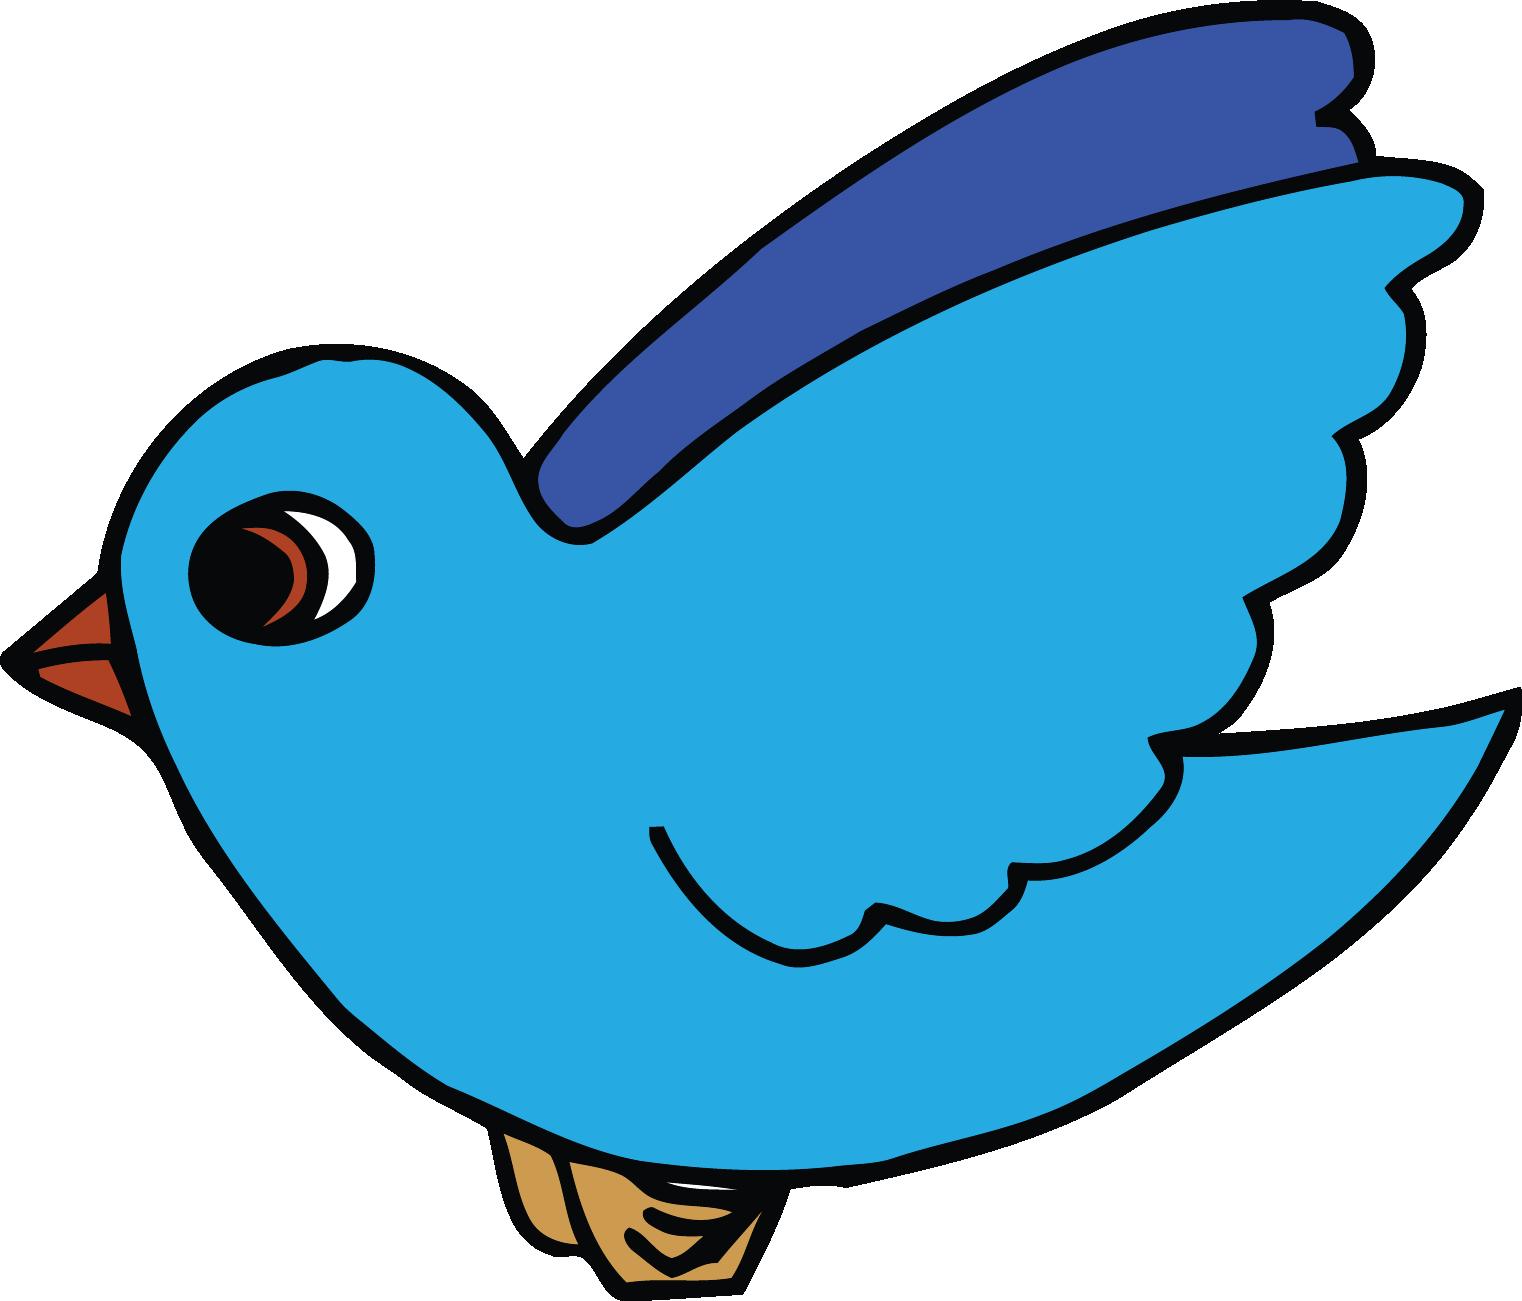 1522x1301 Sky Blue Bird Clipart Png